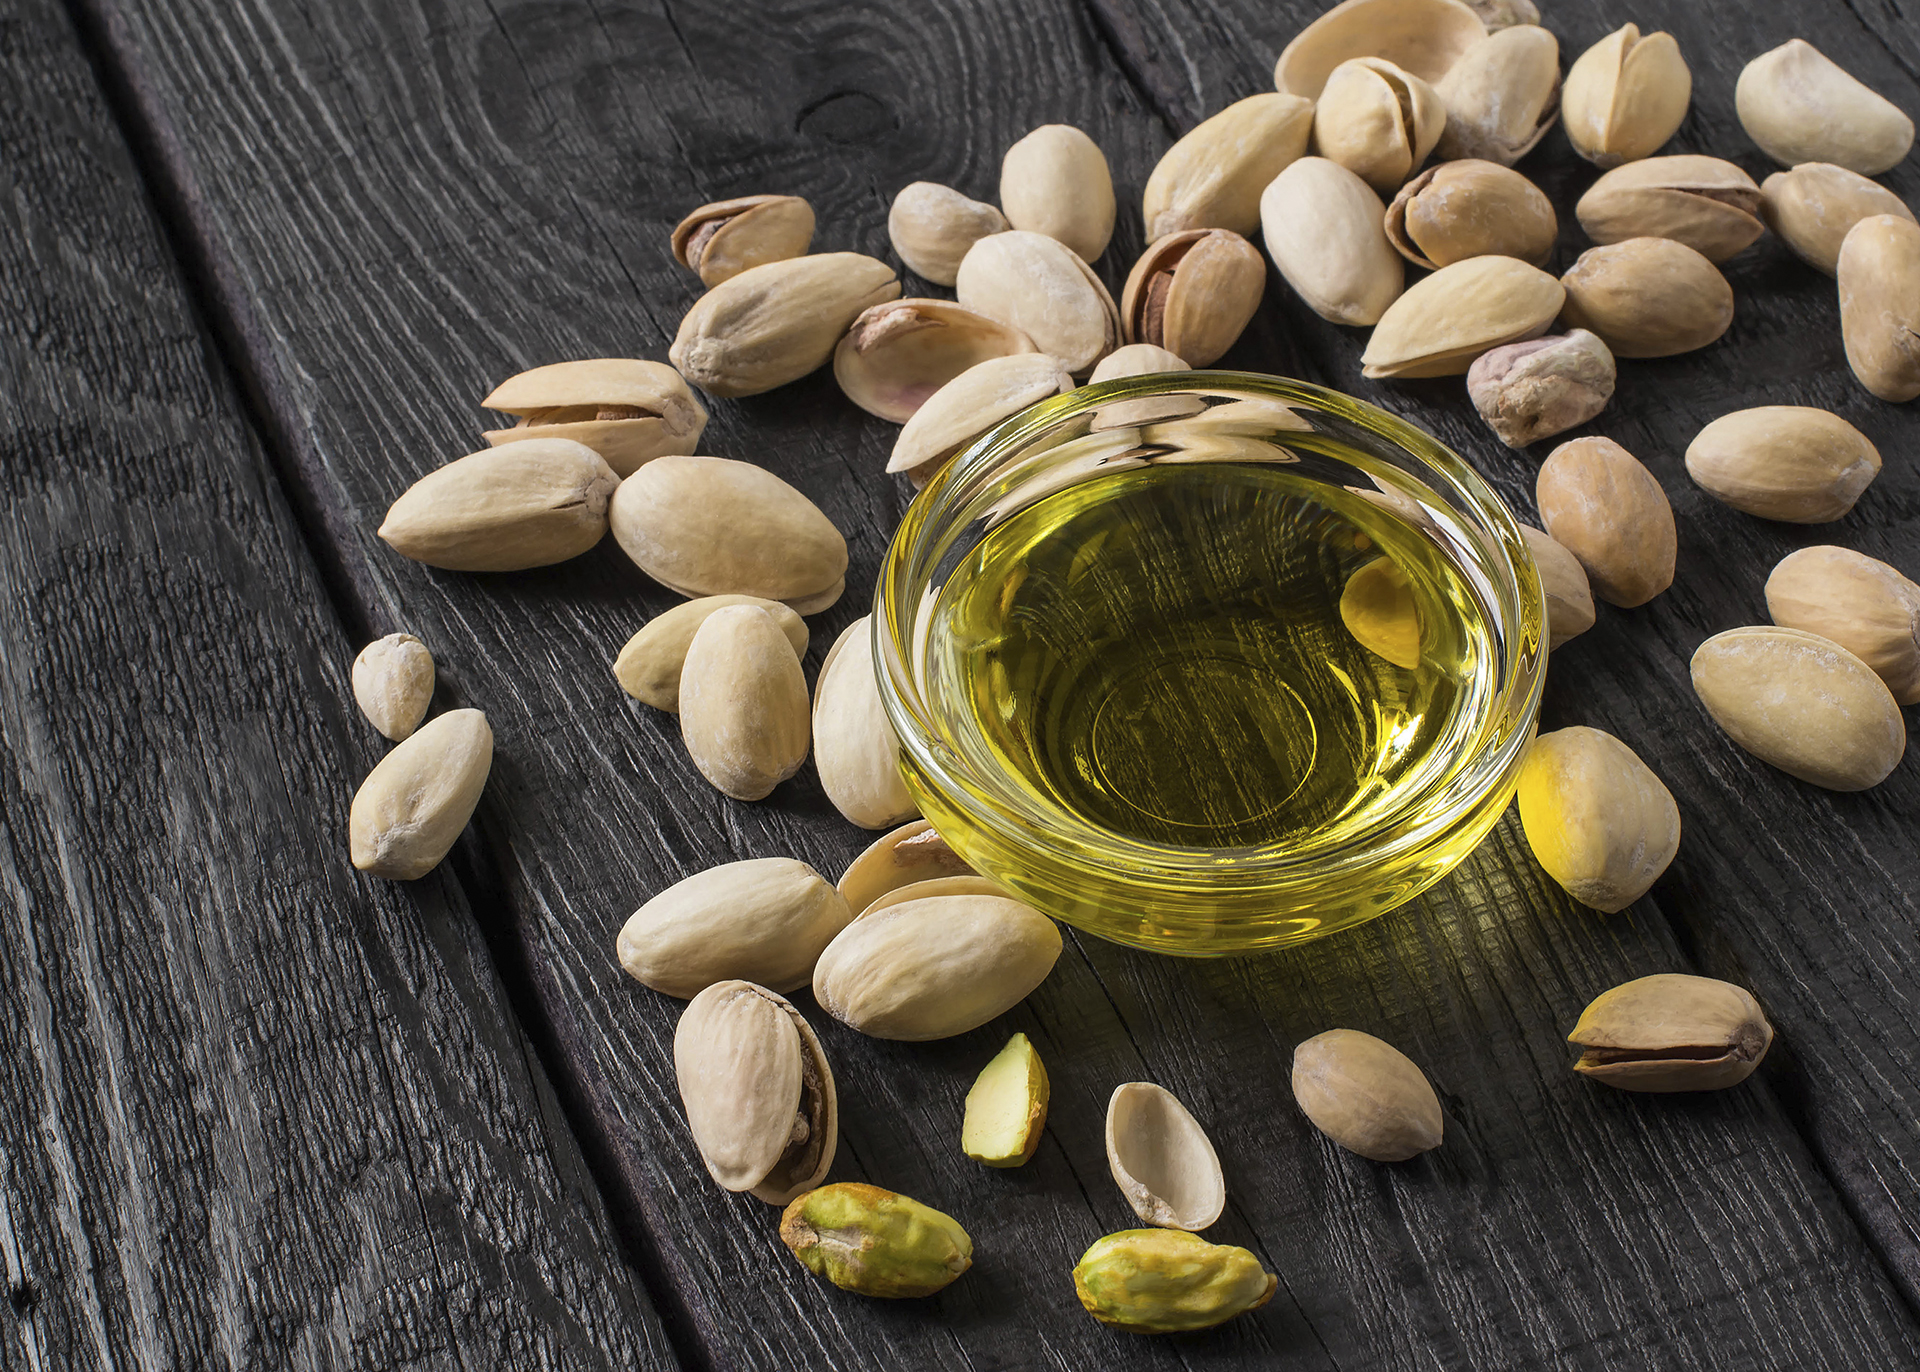 Pistachionut-Oil_Henry-Lamotte-Oils